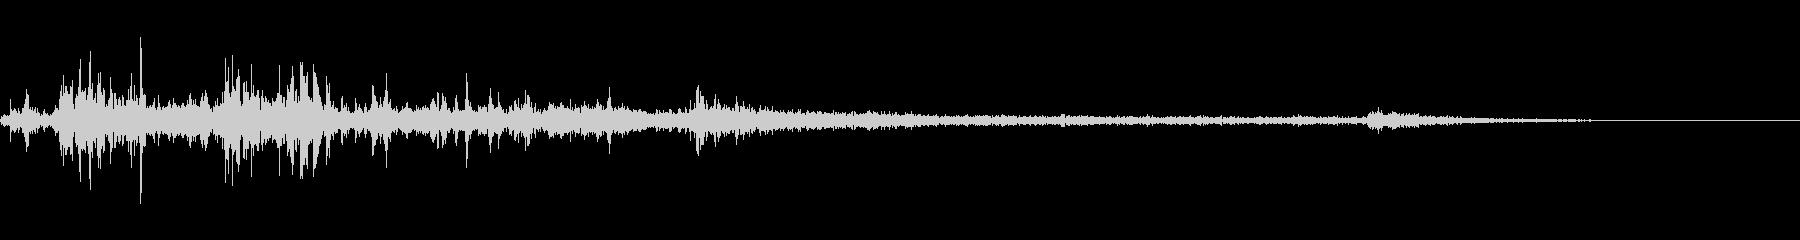 カミナリ(遠雷)-20の未再生の波形